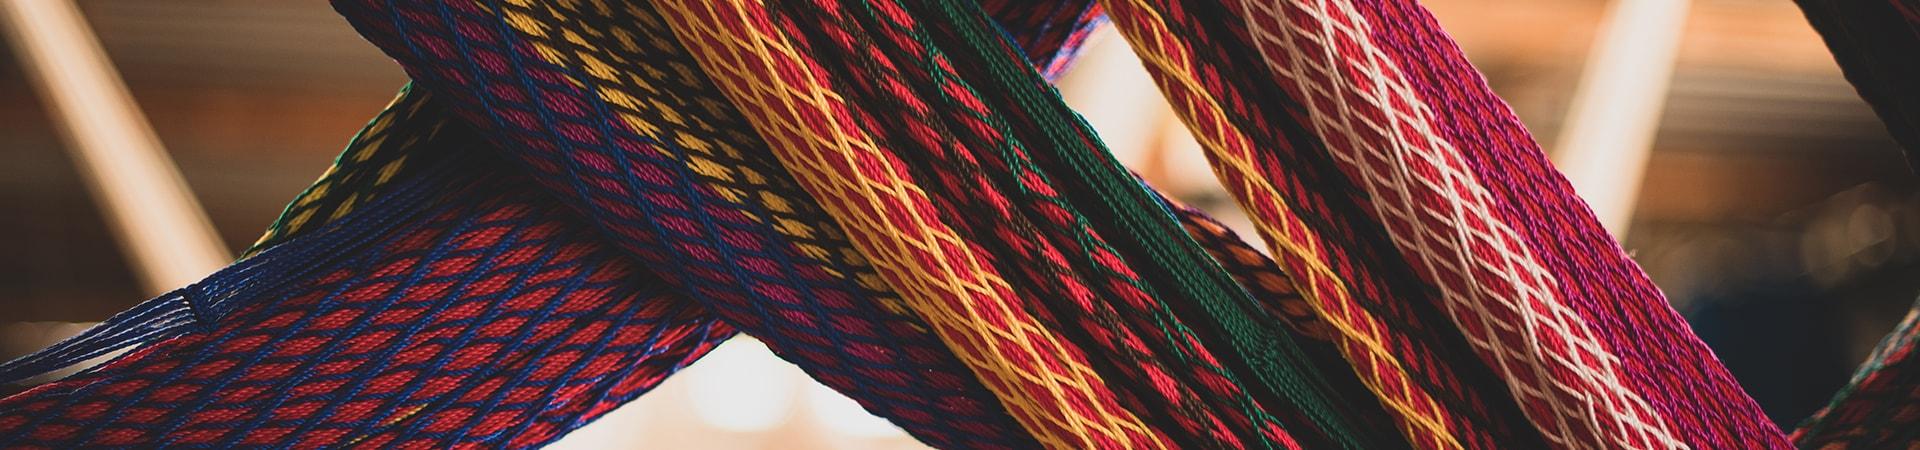 Mode éco responsable | Tikaloa, créateur de vêtements éthiques